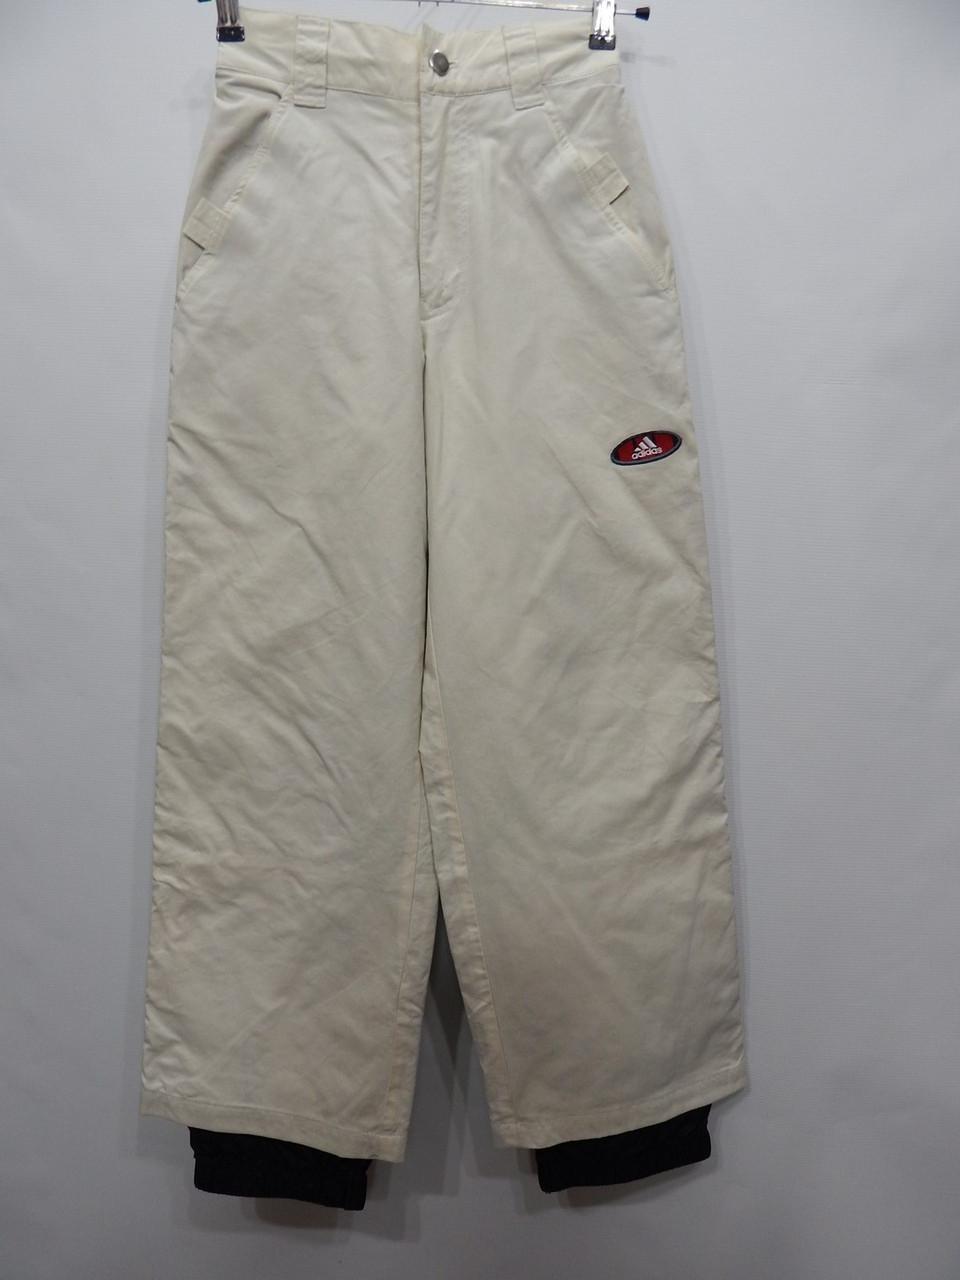 Мужские лыжные брюки Adidas р.44 102KML